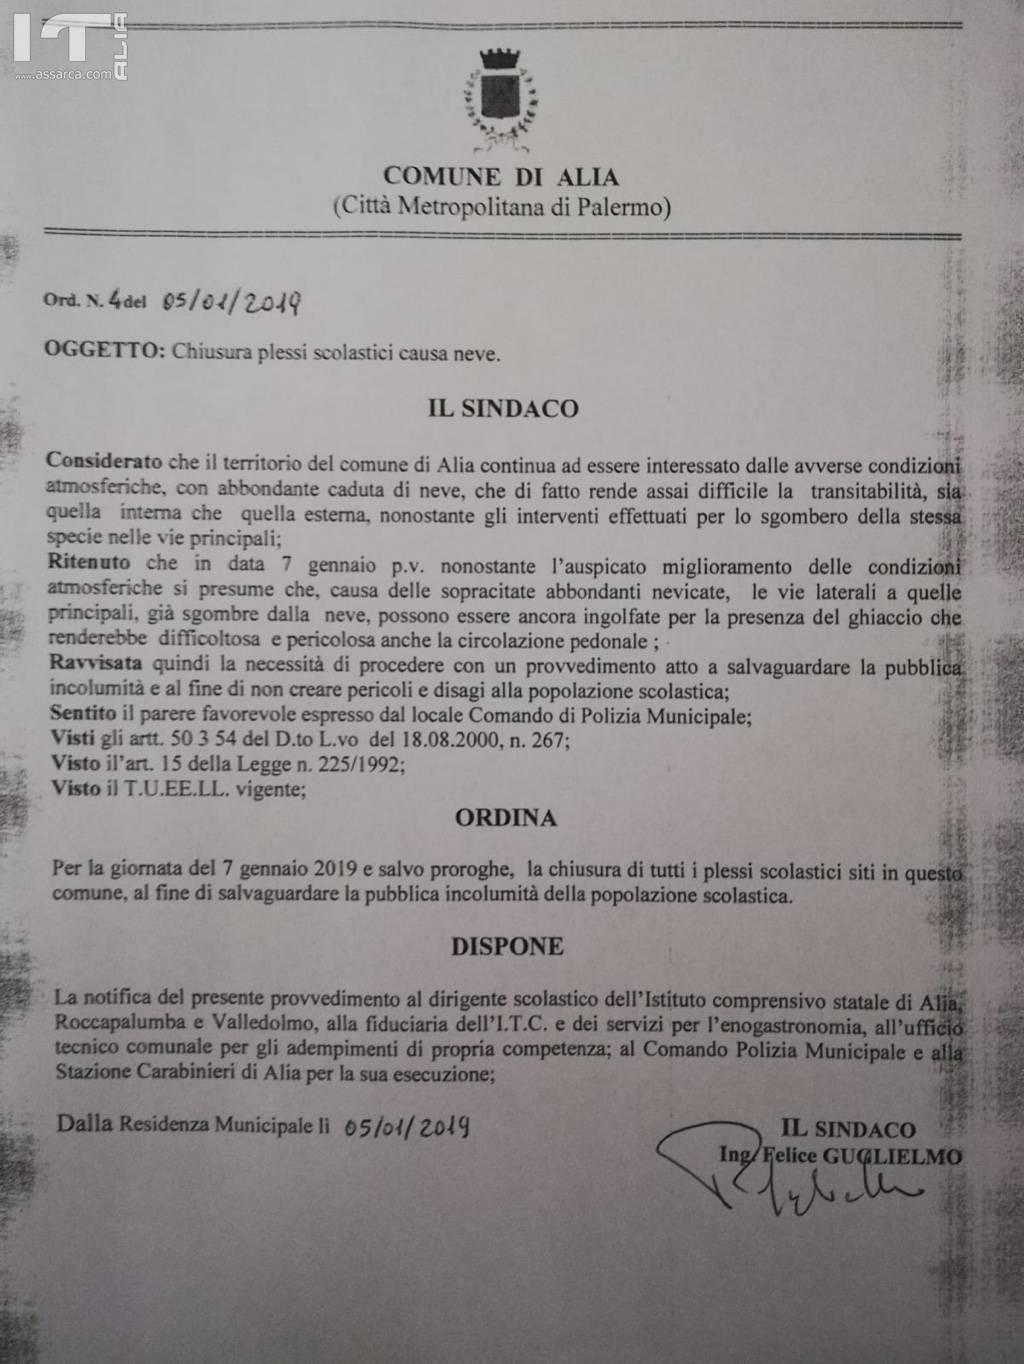 CHIUSURA SCUOLE PER NEVE E GHIACCIO LUNEDI' 7 GENNAIO 2019.